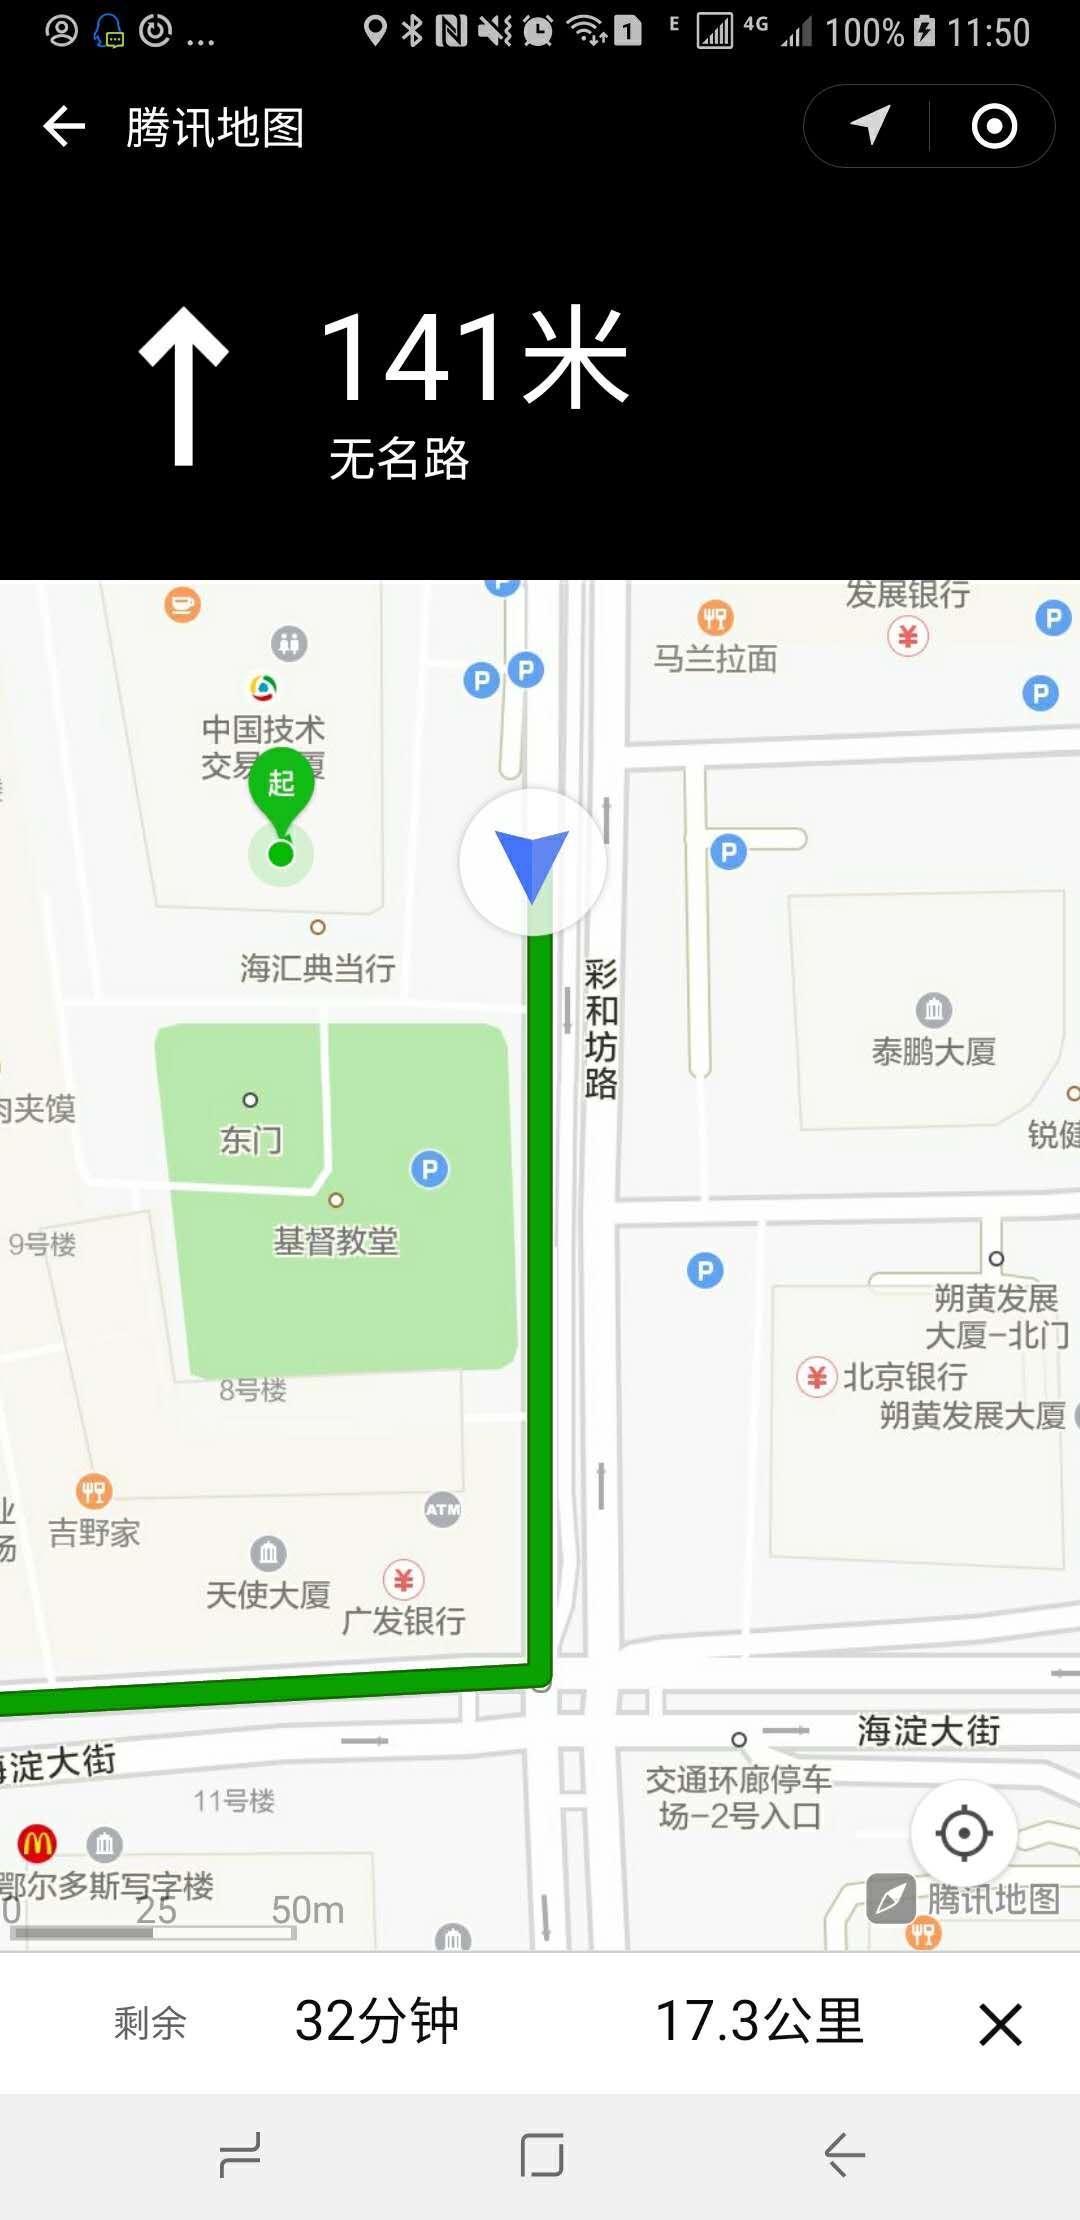 腾讯地图+